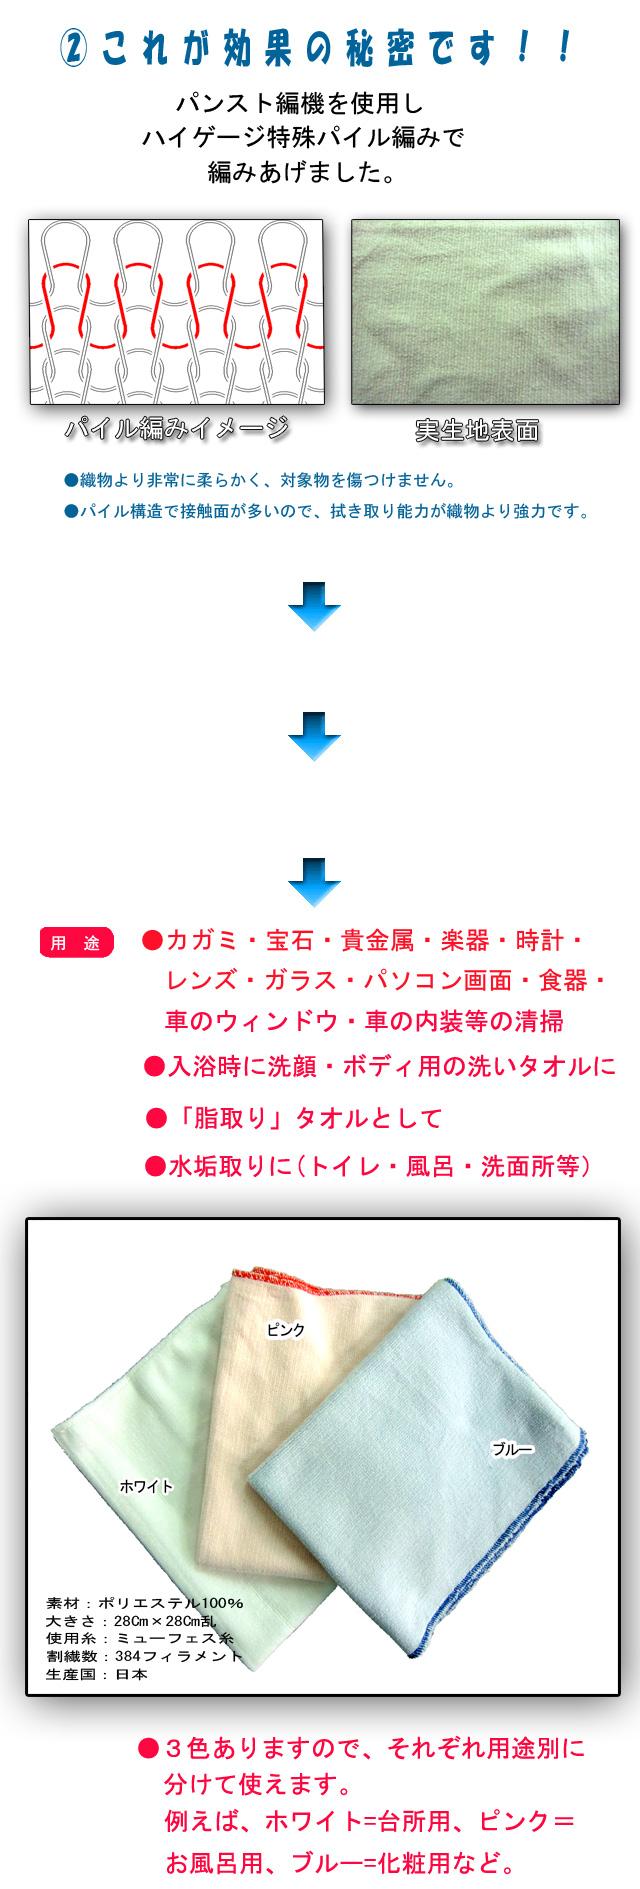 ミューフェス商品説明②